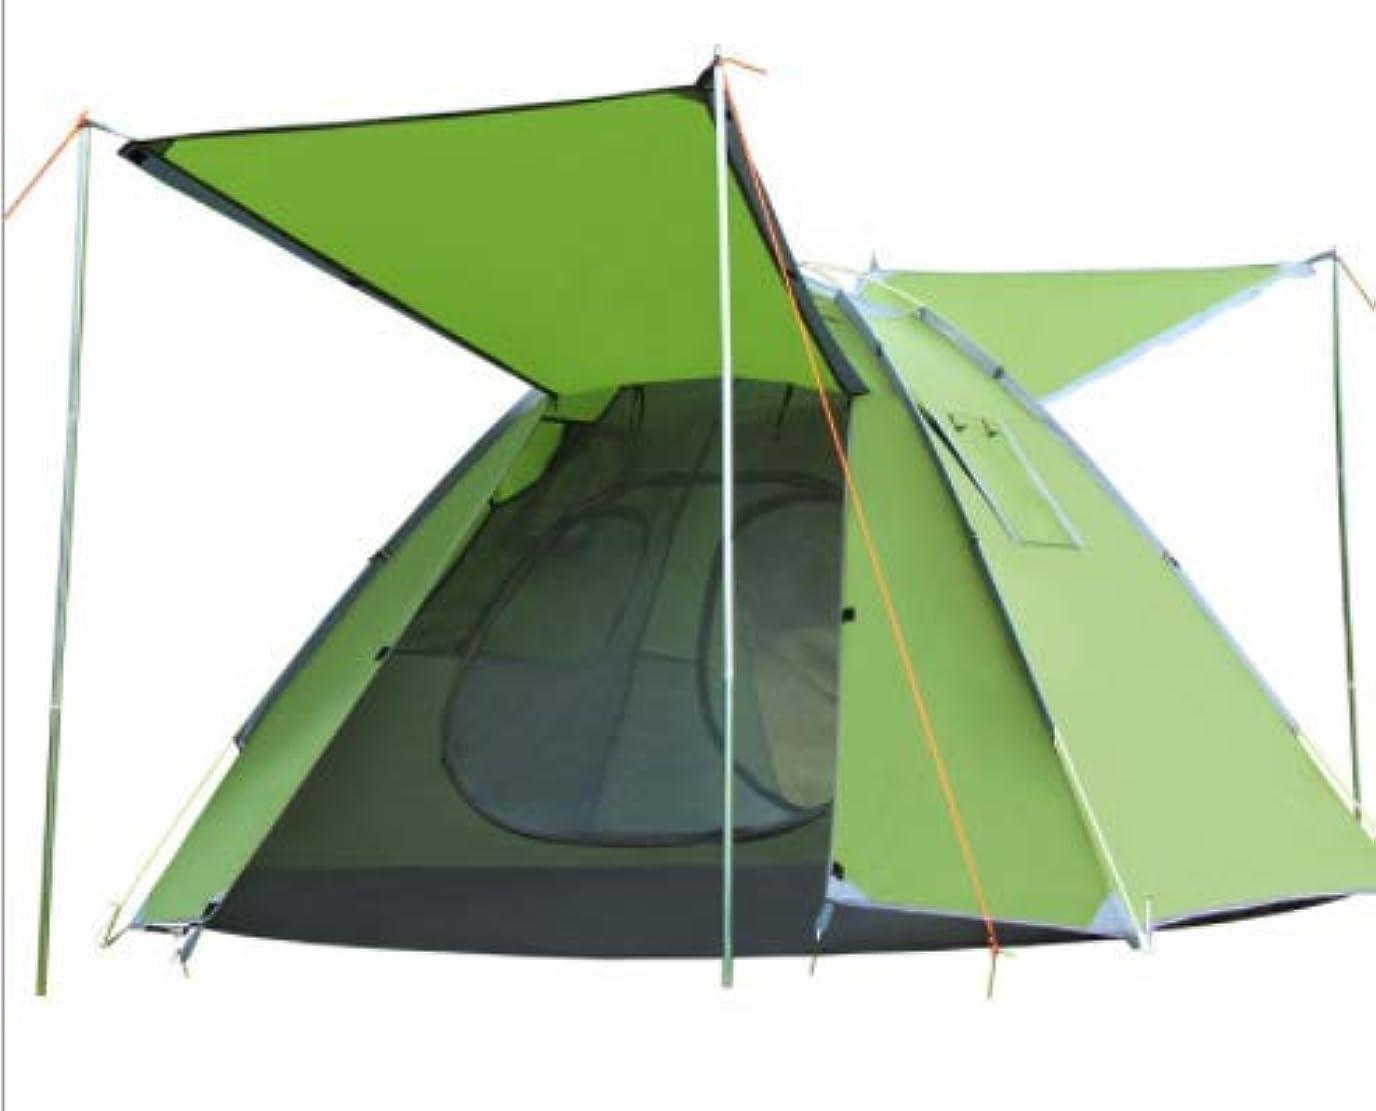 理容師プロポーショナル教師の日Okiiting キャンプ用品3?4人屋外用キャンプテント自動キャンプ用テント通気性がよく、換気が強いハイキング/釣り/キャンプ/ピクニックに最適 うまく設計された